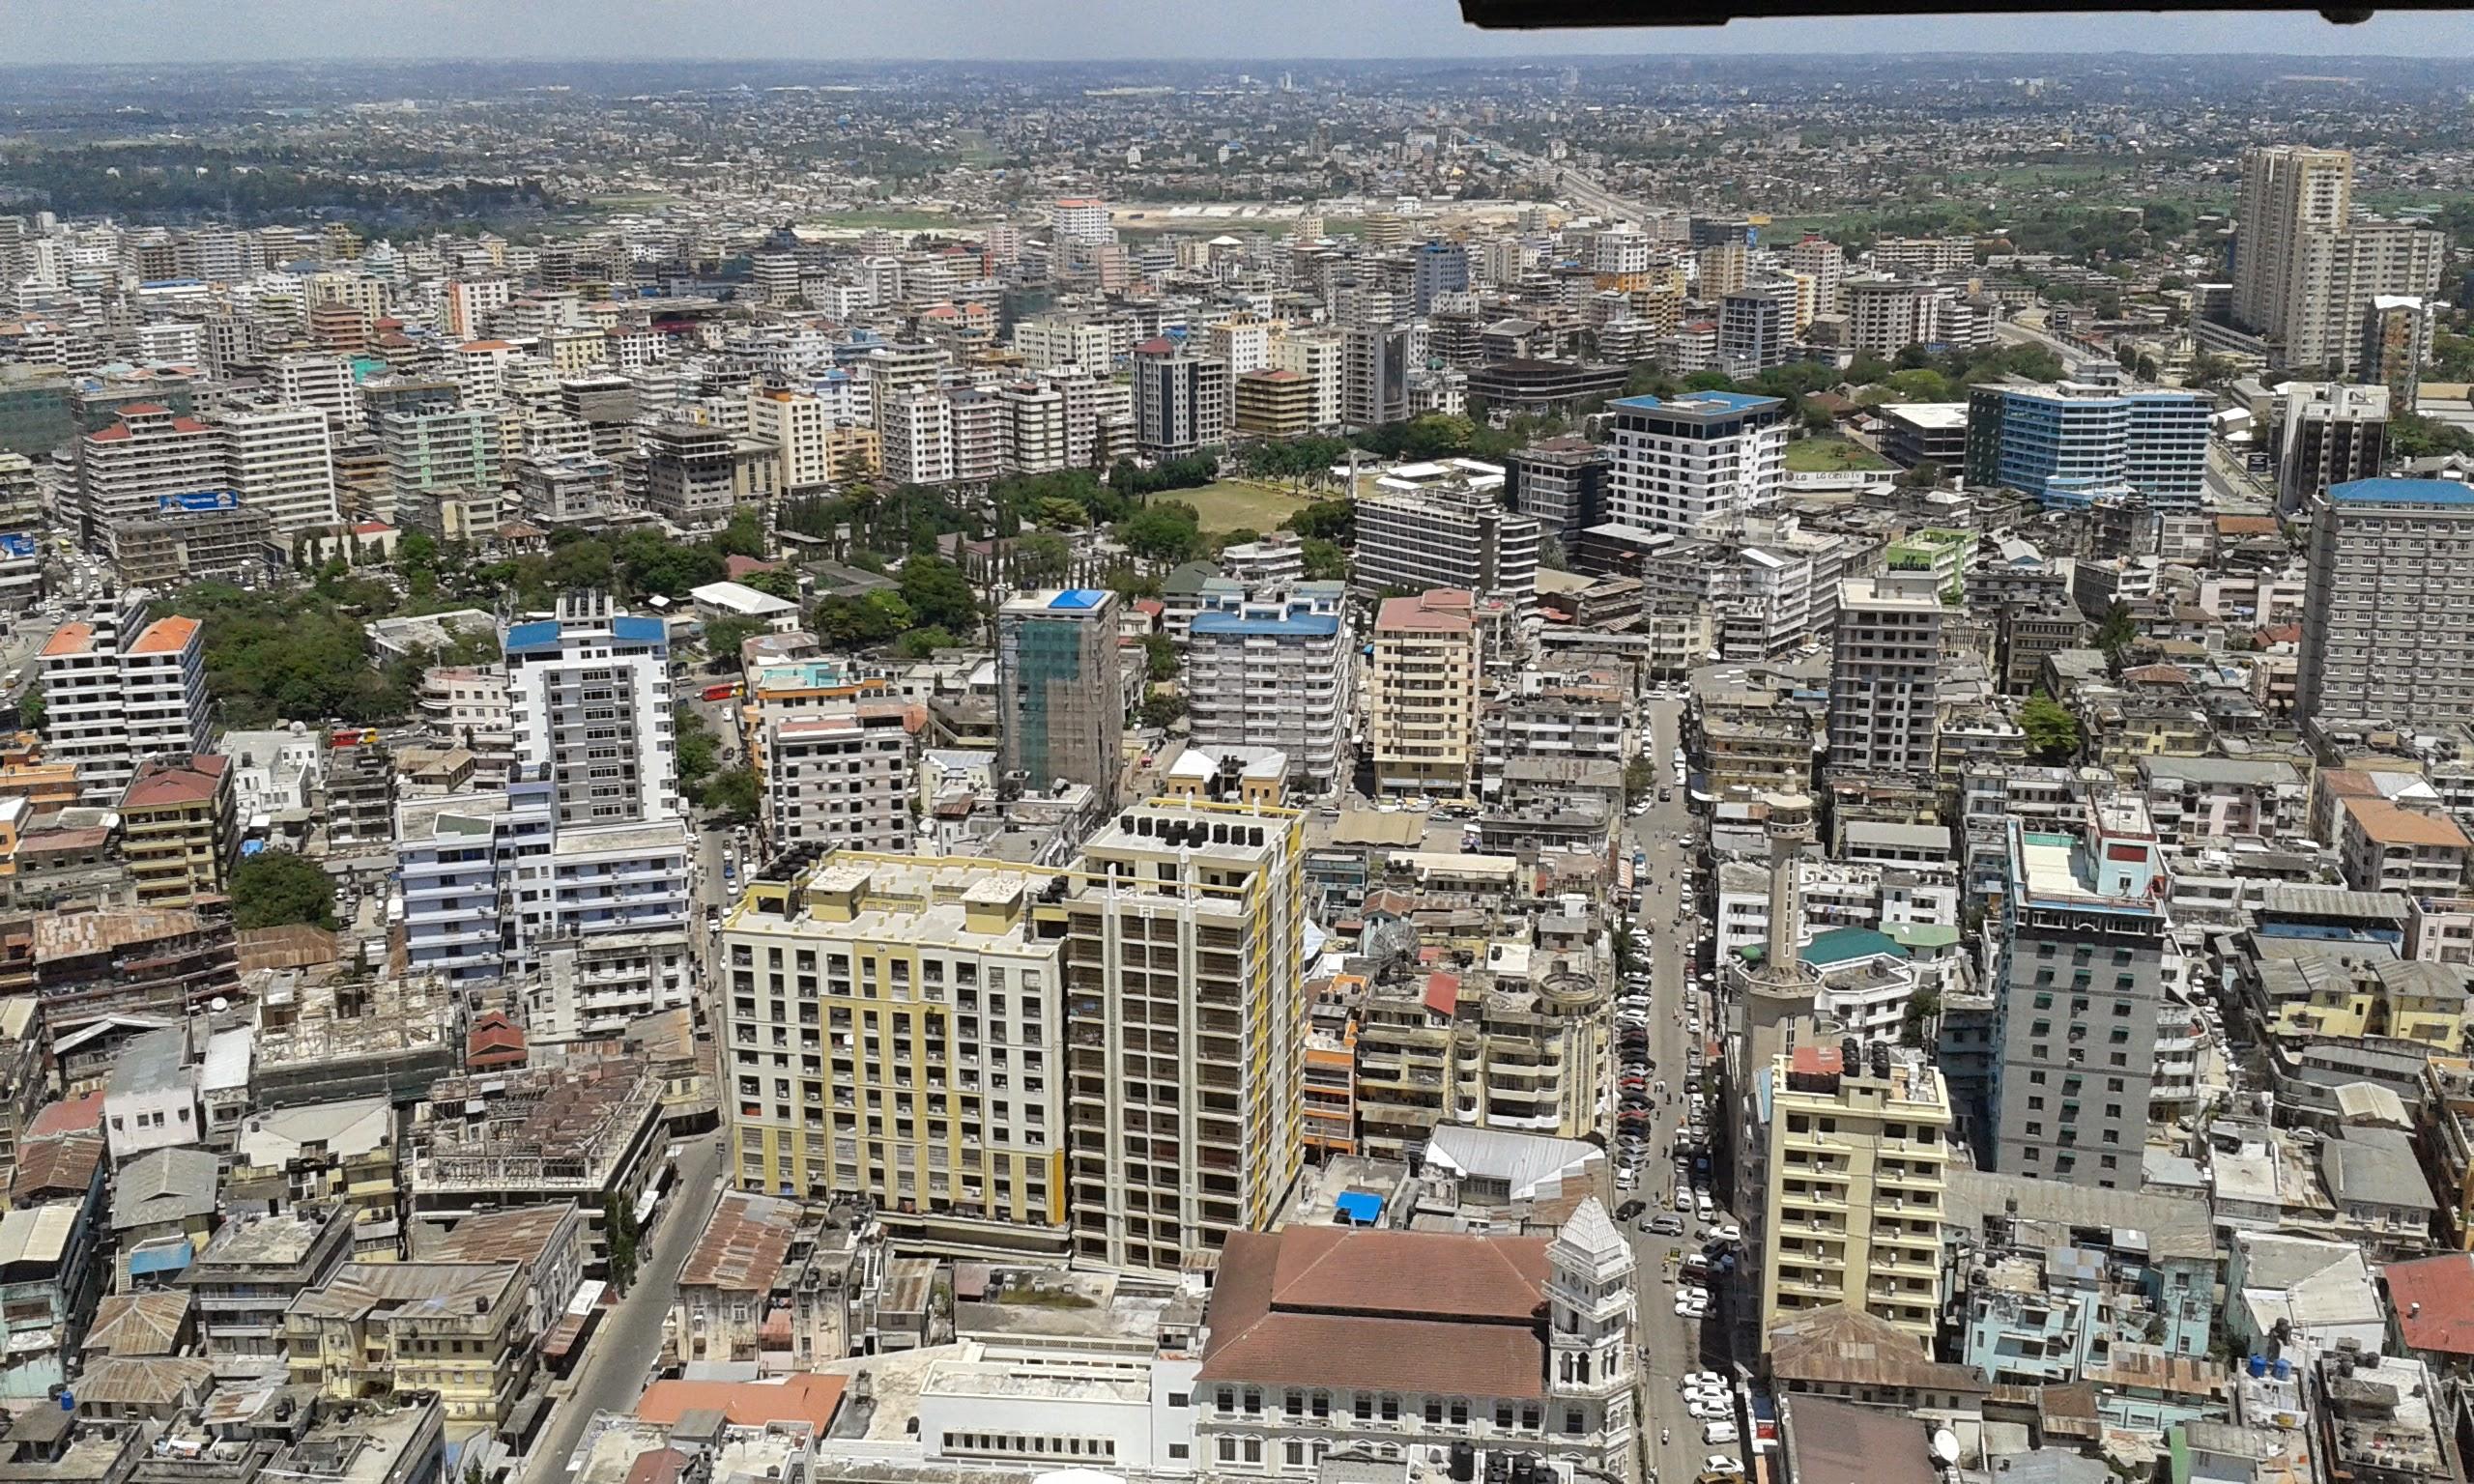 Archivo:Dar es salaam urban area.jpg - Wikipedia, la enciclopedia libre